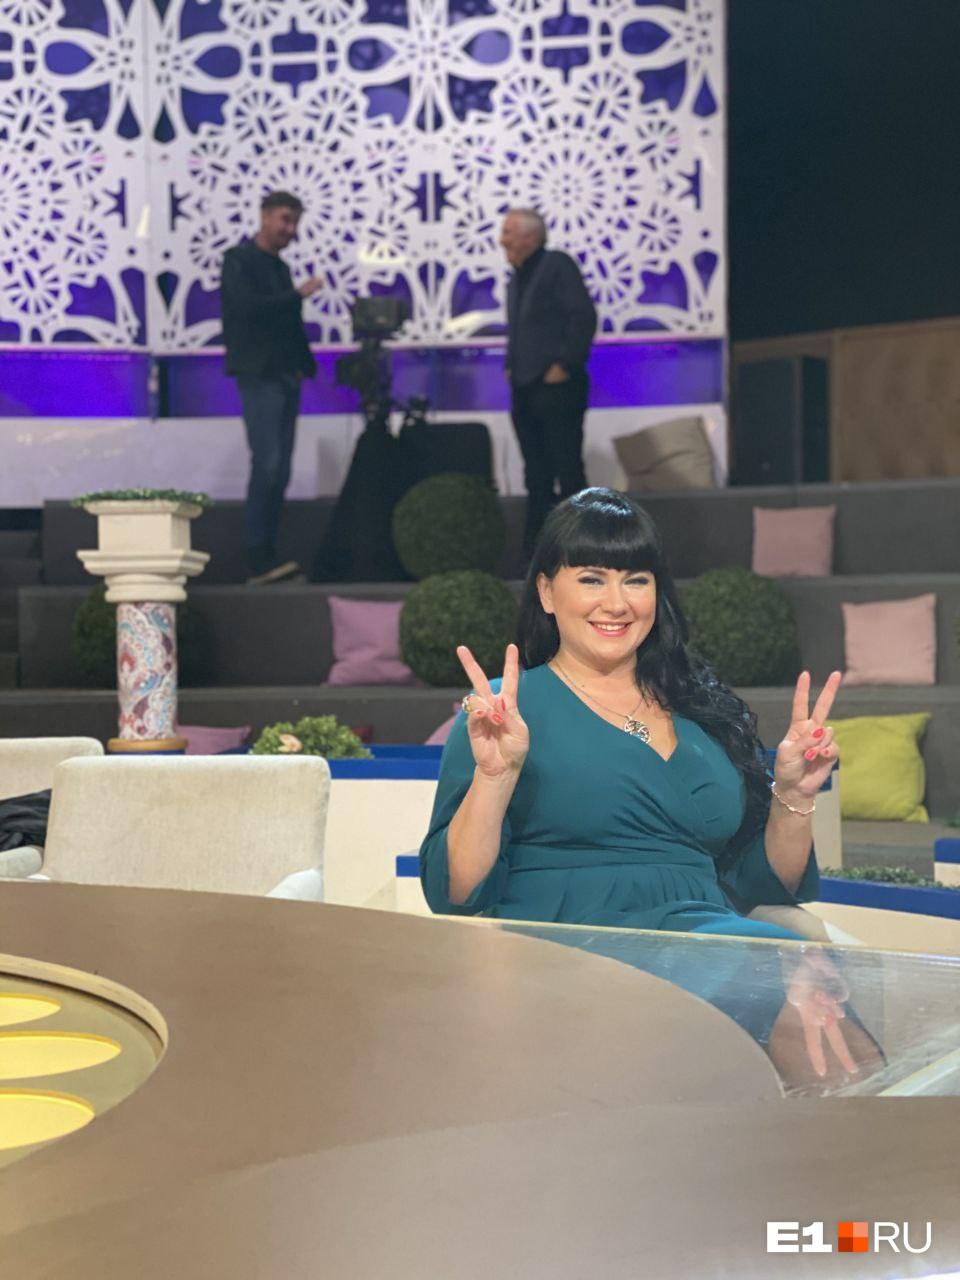 По рассказам Екатерины, студия «Давай поженимся!» в жизни оказалась гораздо меньше, чем выглядит на экранах